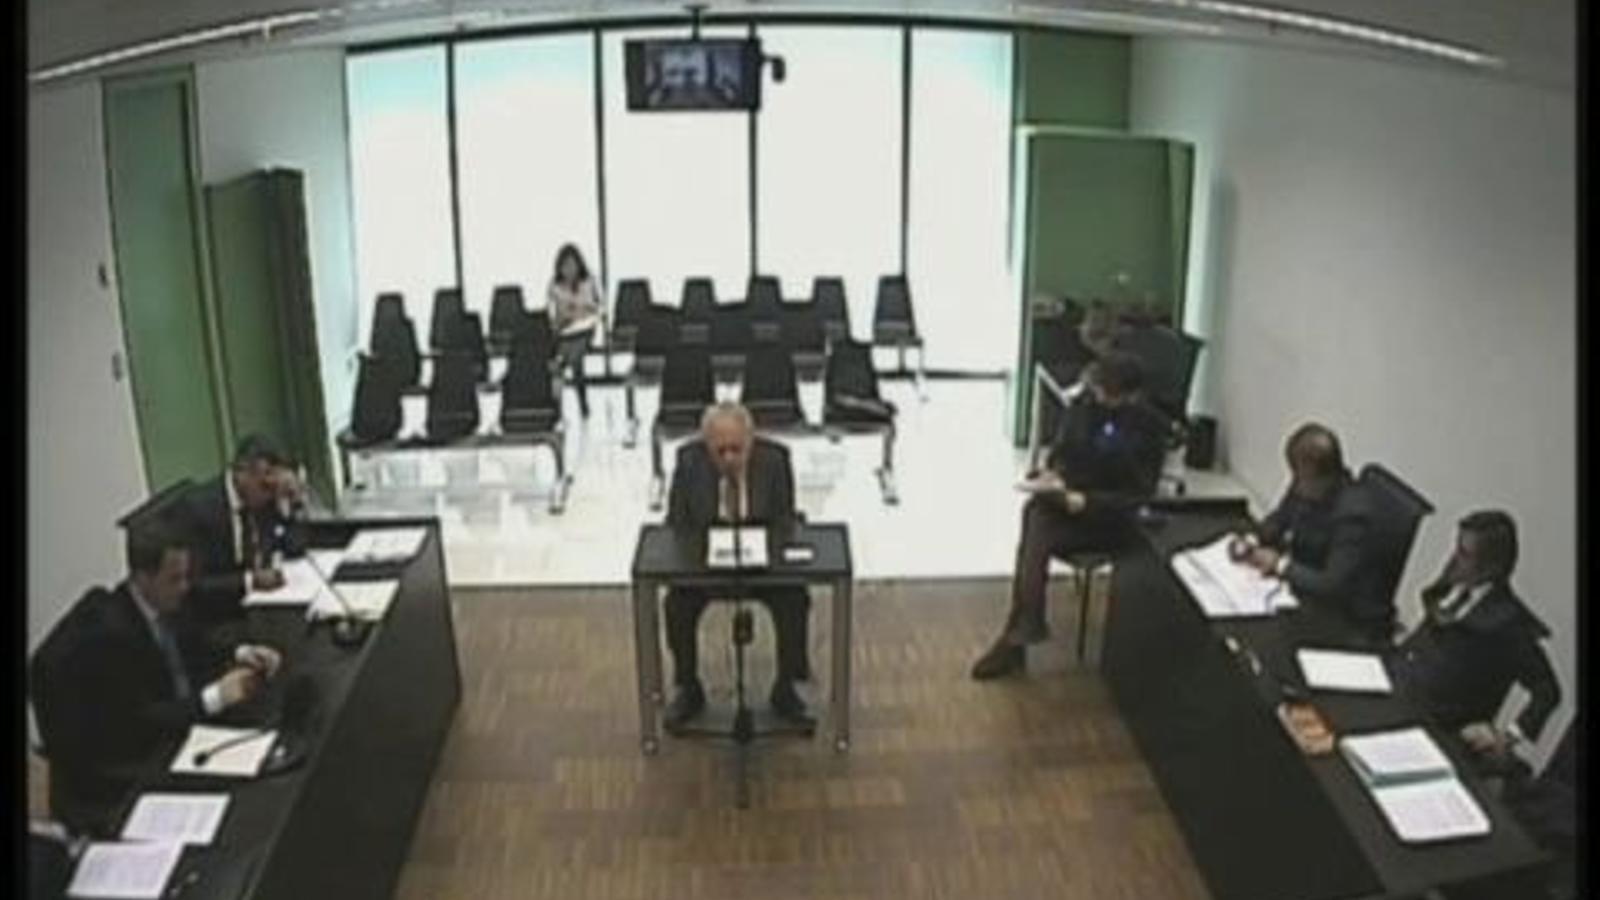 Jordi Pujol, al jutjat: No volia saber perquè em feia por el tema